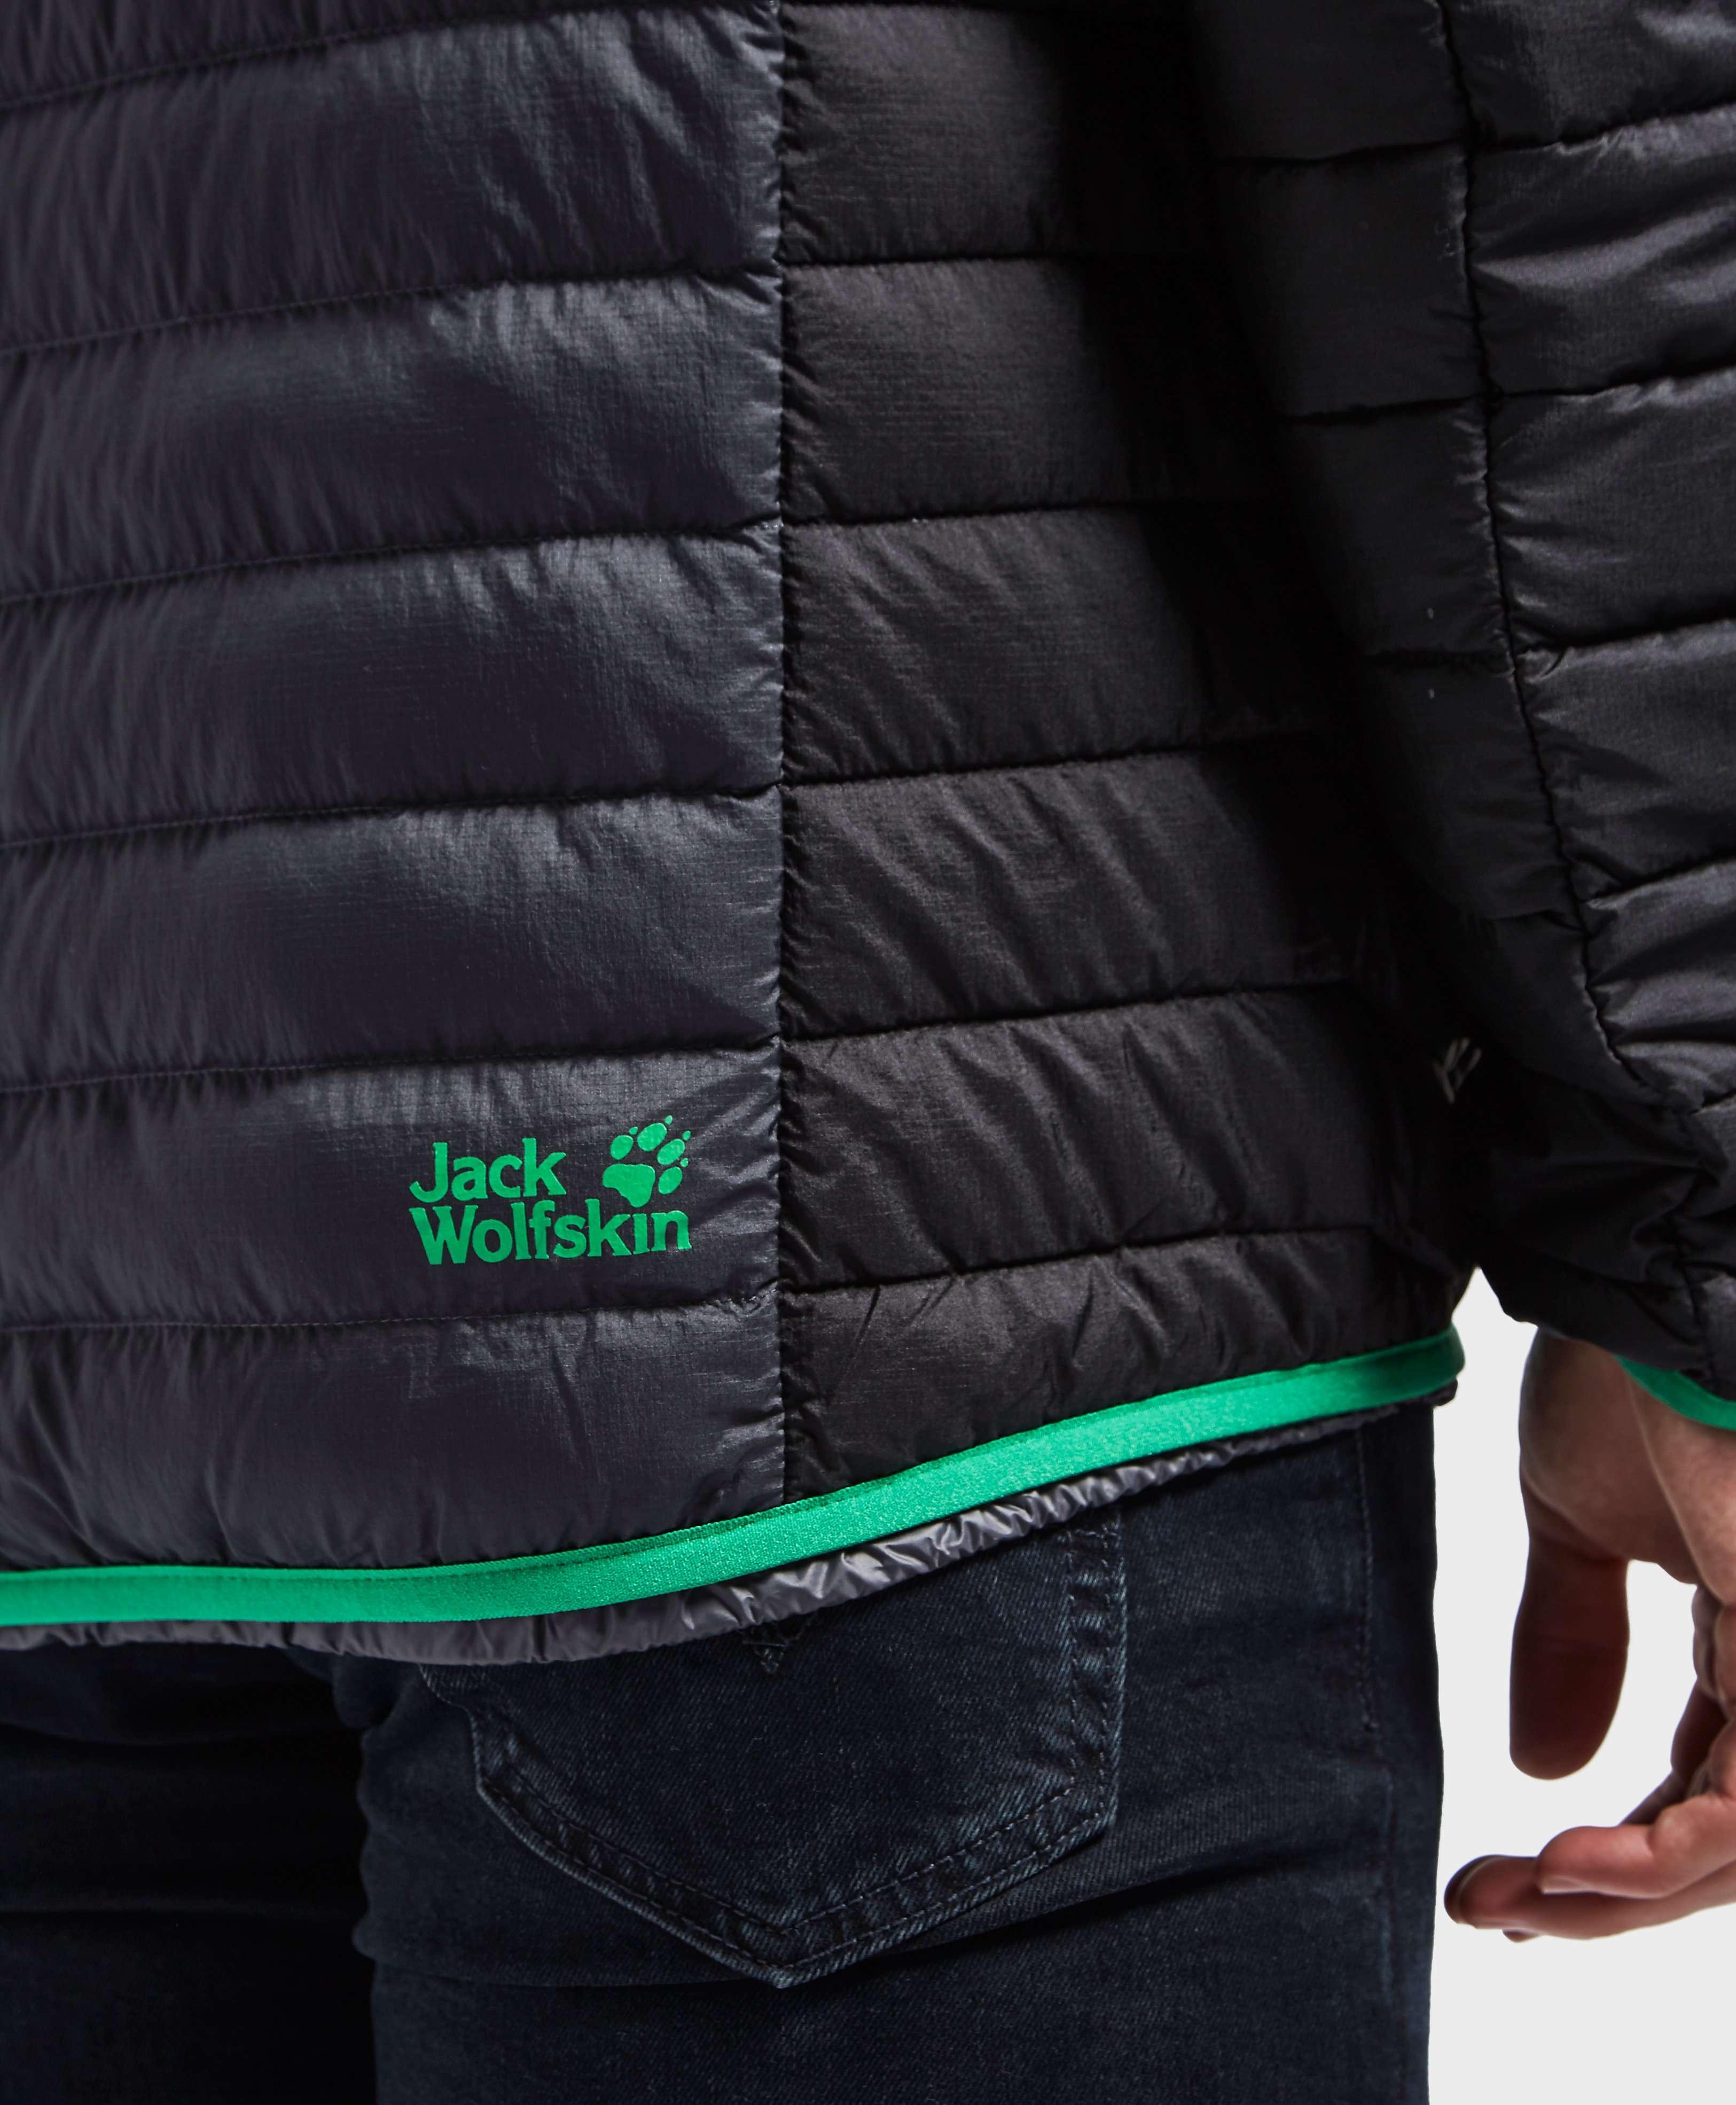 Jack Wolfskin Zenon Storm Padded Jacket